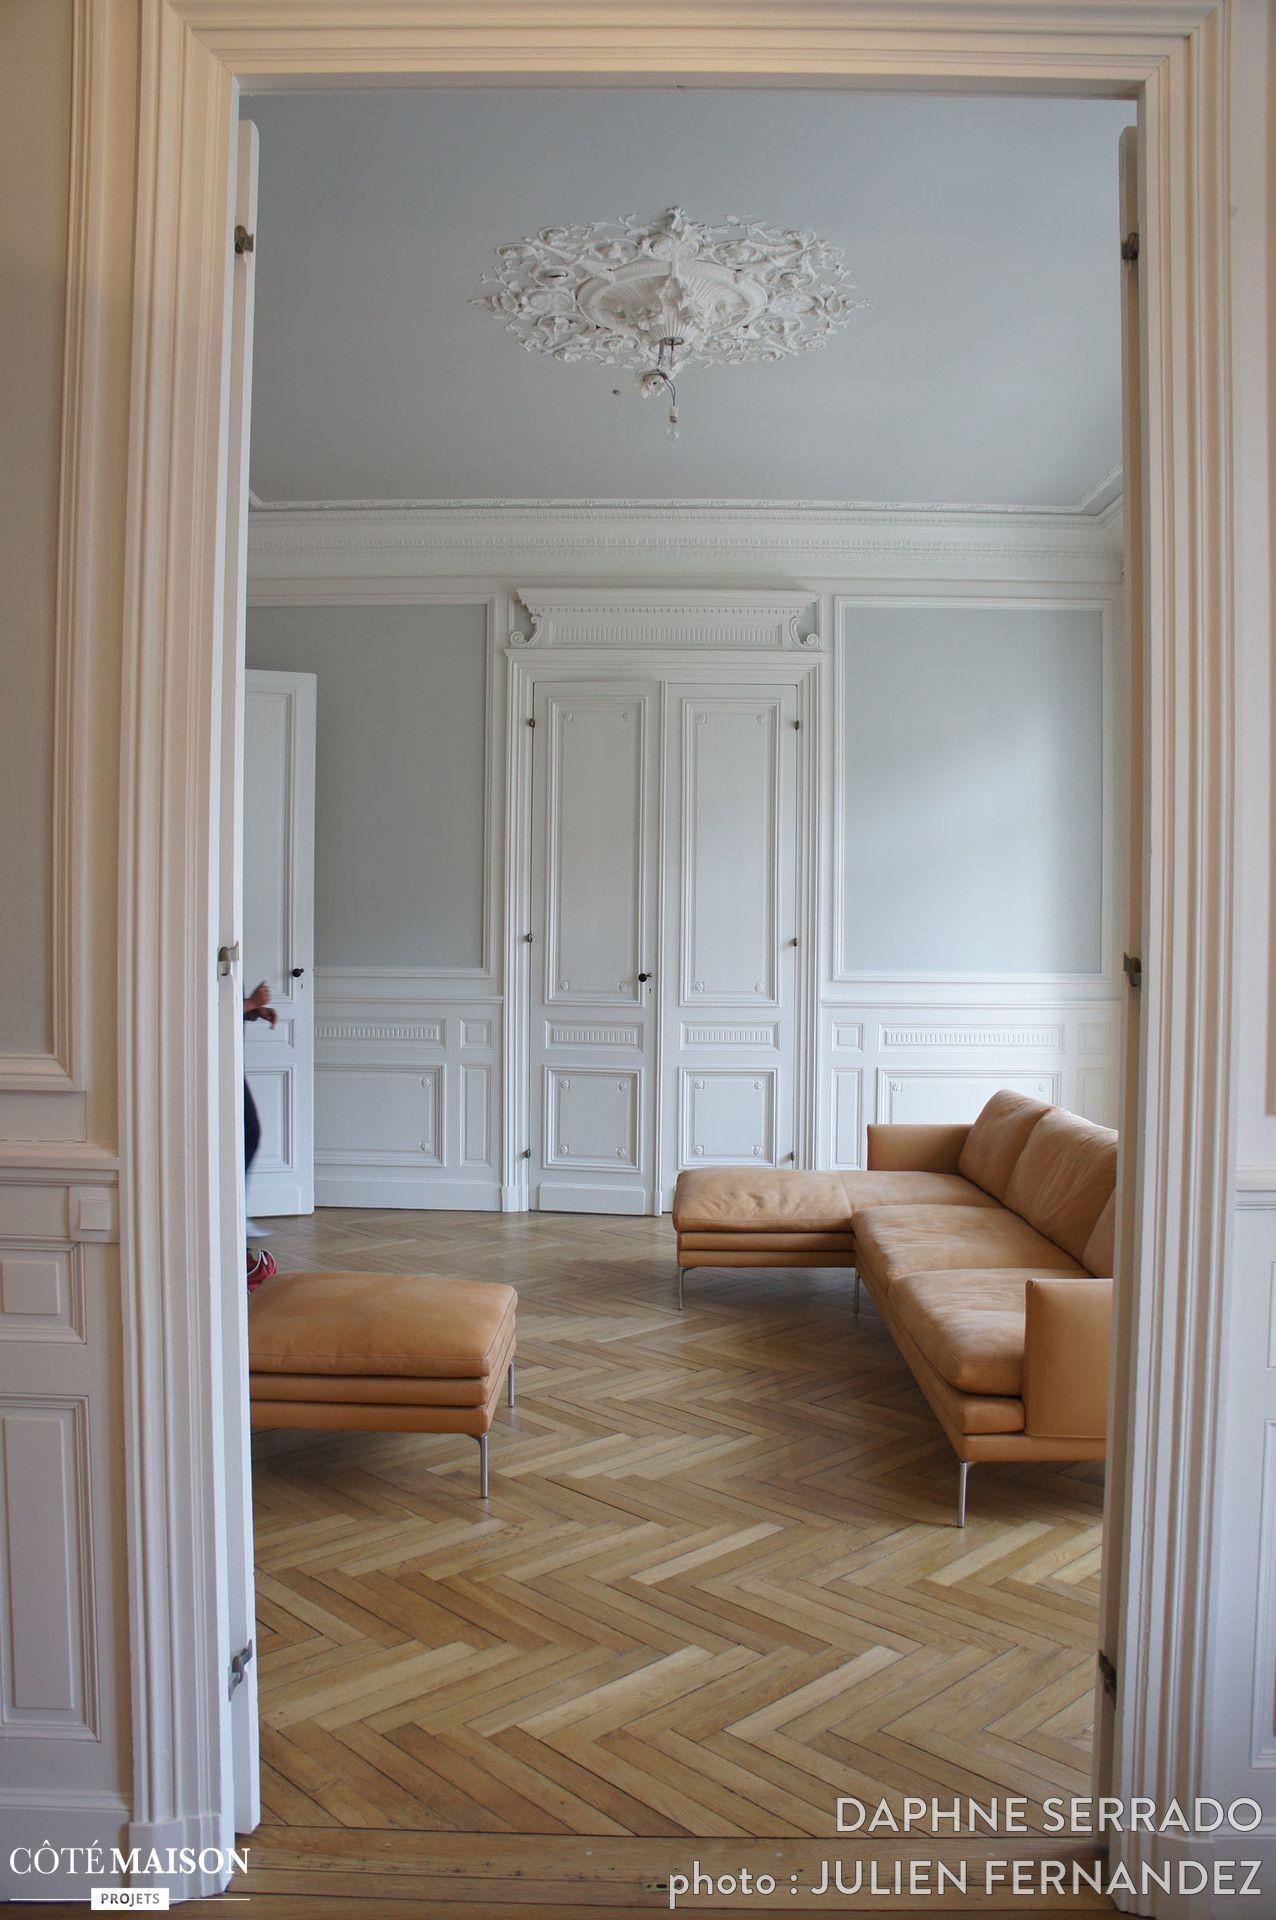 Appartement de type haussmannien, Daphné Serrado - Côté Maison ...